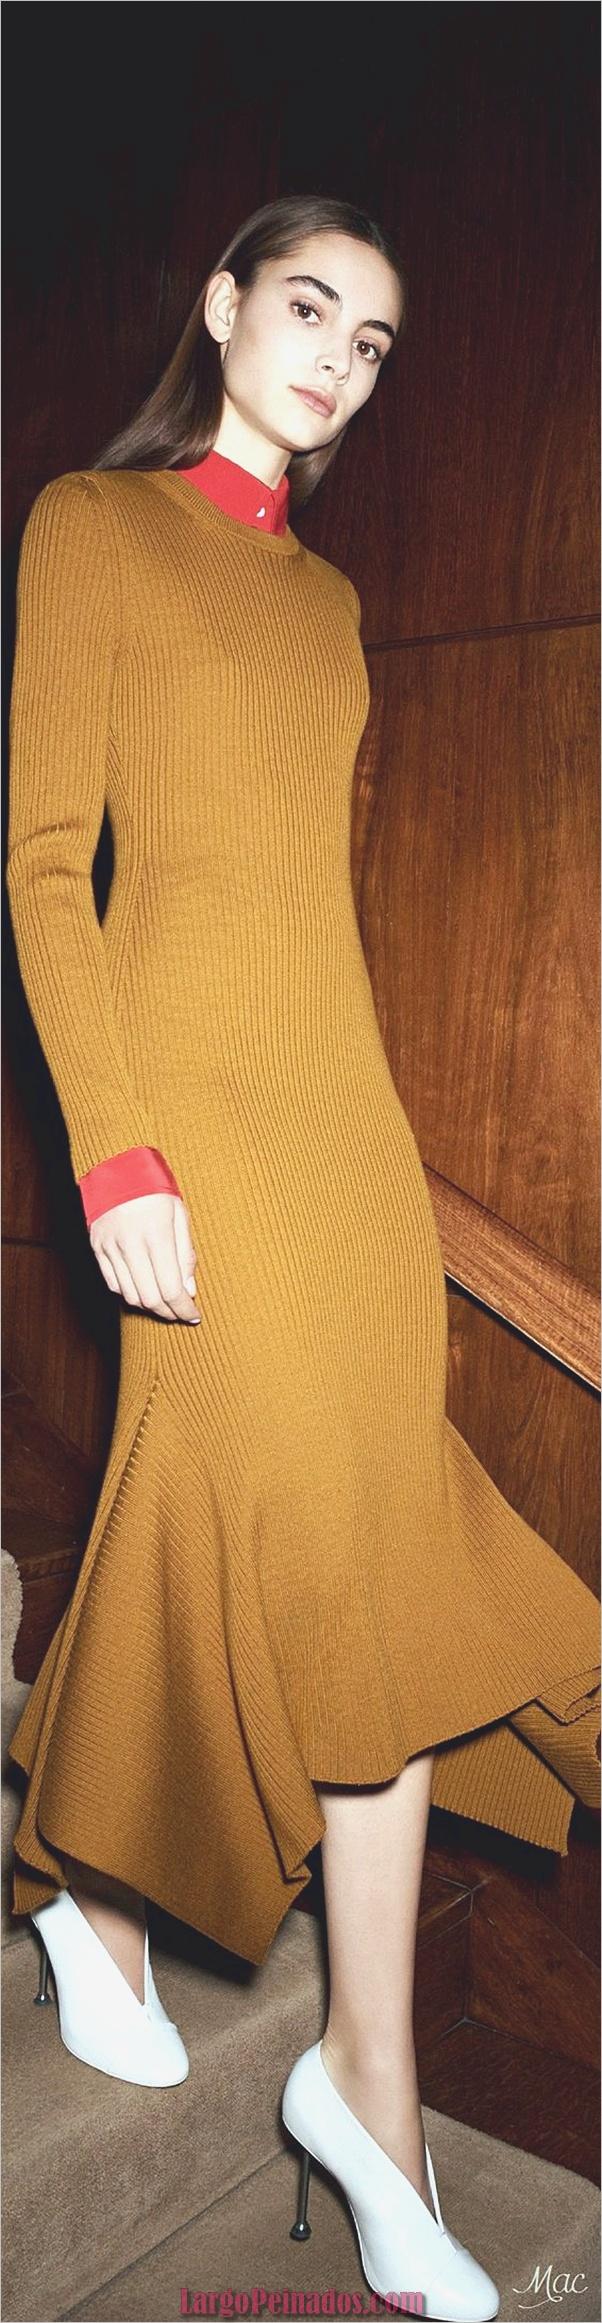 otoño-trajes-para-adolescentes-chicas-18